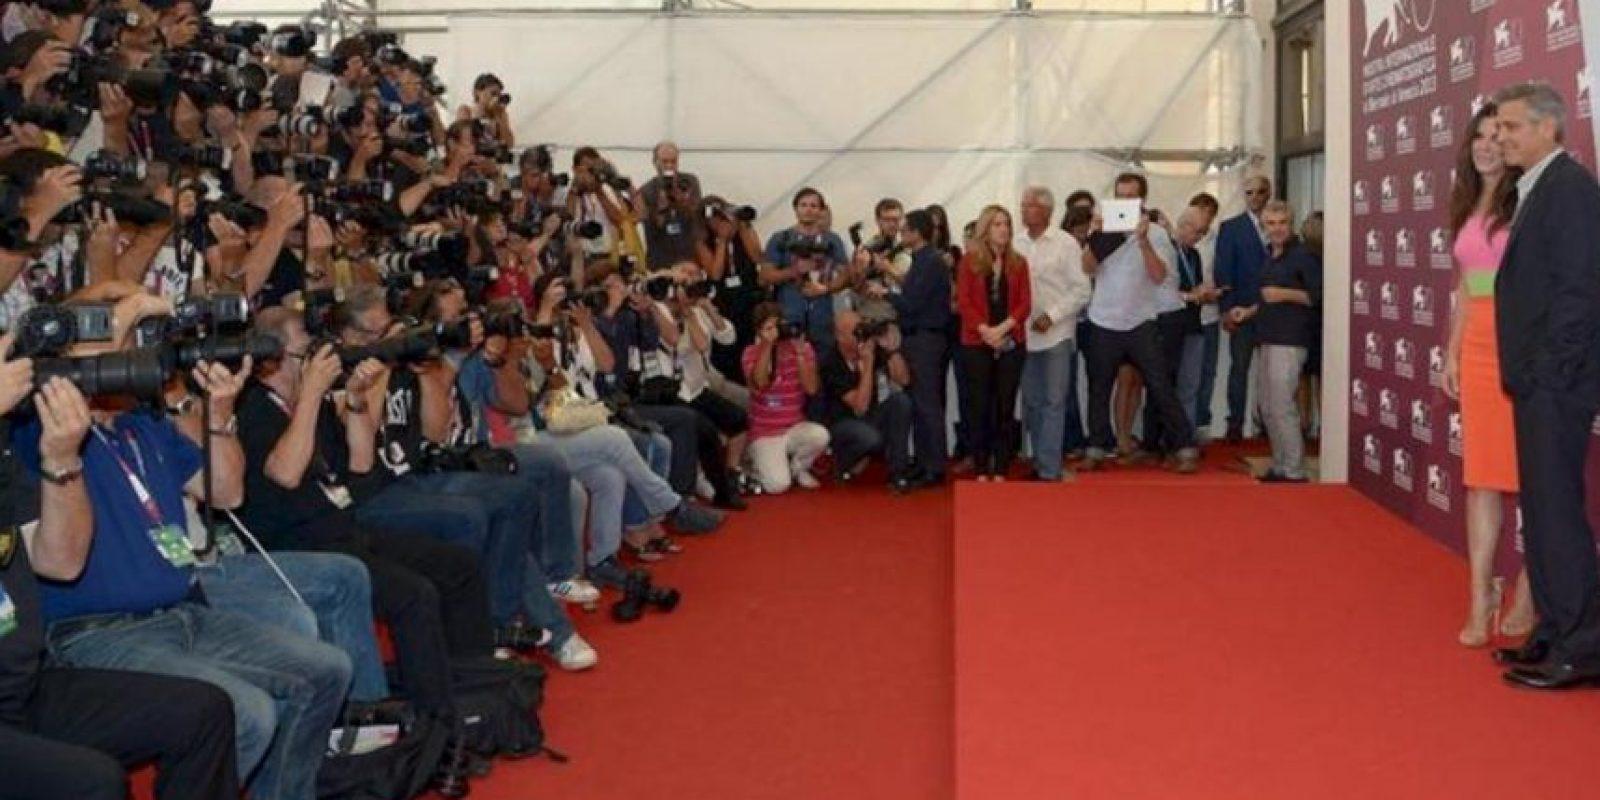 """Los actores estadounidenses George Clooney y Sandra Bullock, posan durante el pase gráfico de la presentación de la película """"Gravity"""", un thriller dirigido por el mexicano Alfonso Cuarón, durante la 70 edición del Festival de Cine de Venecia. EFE"""